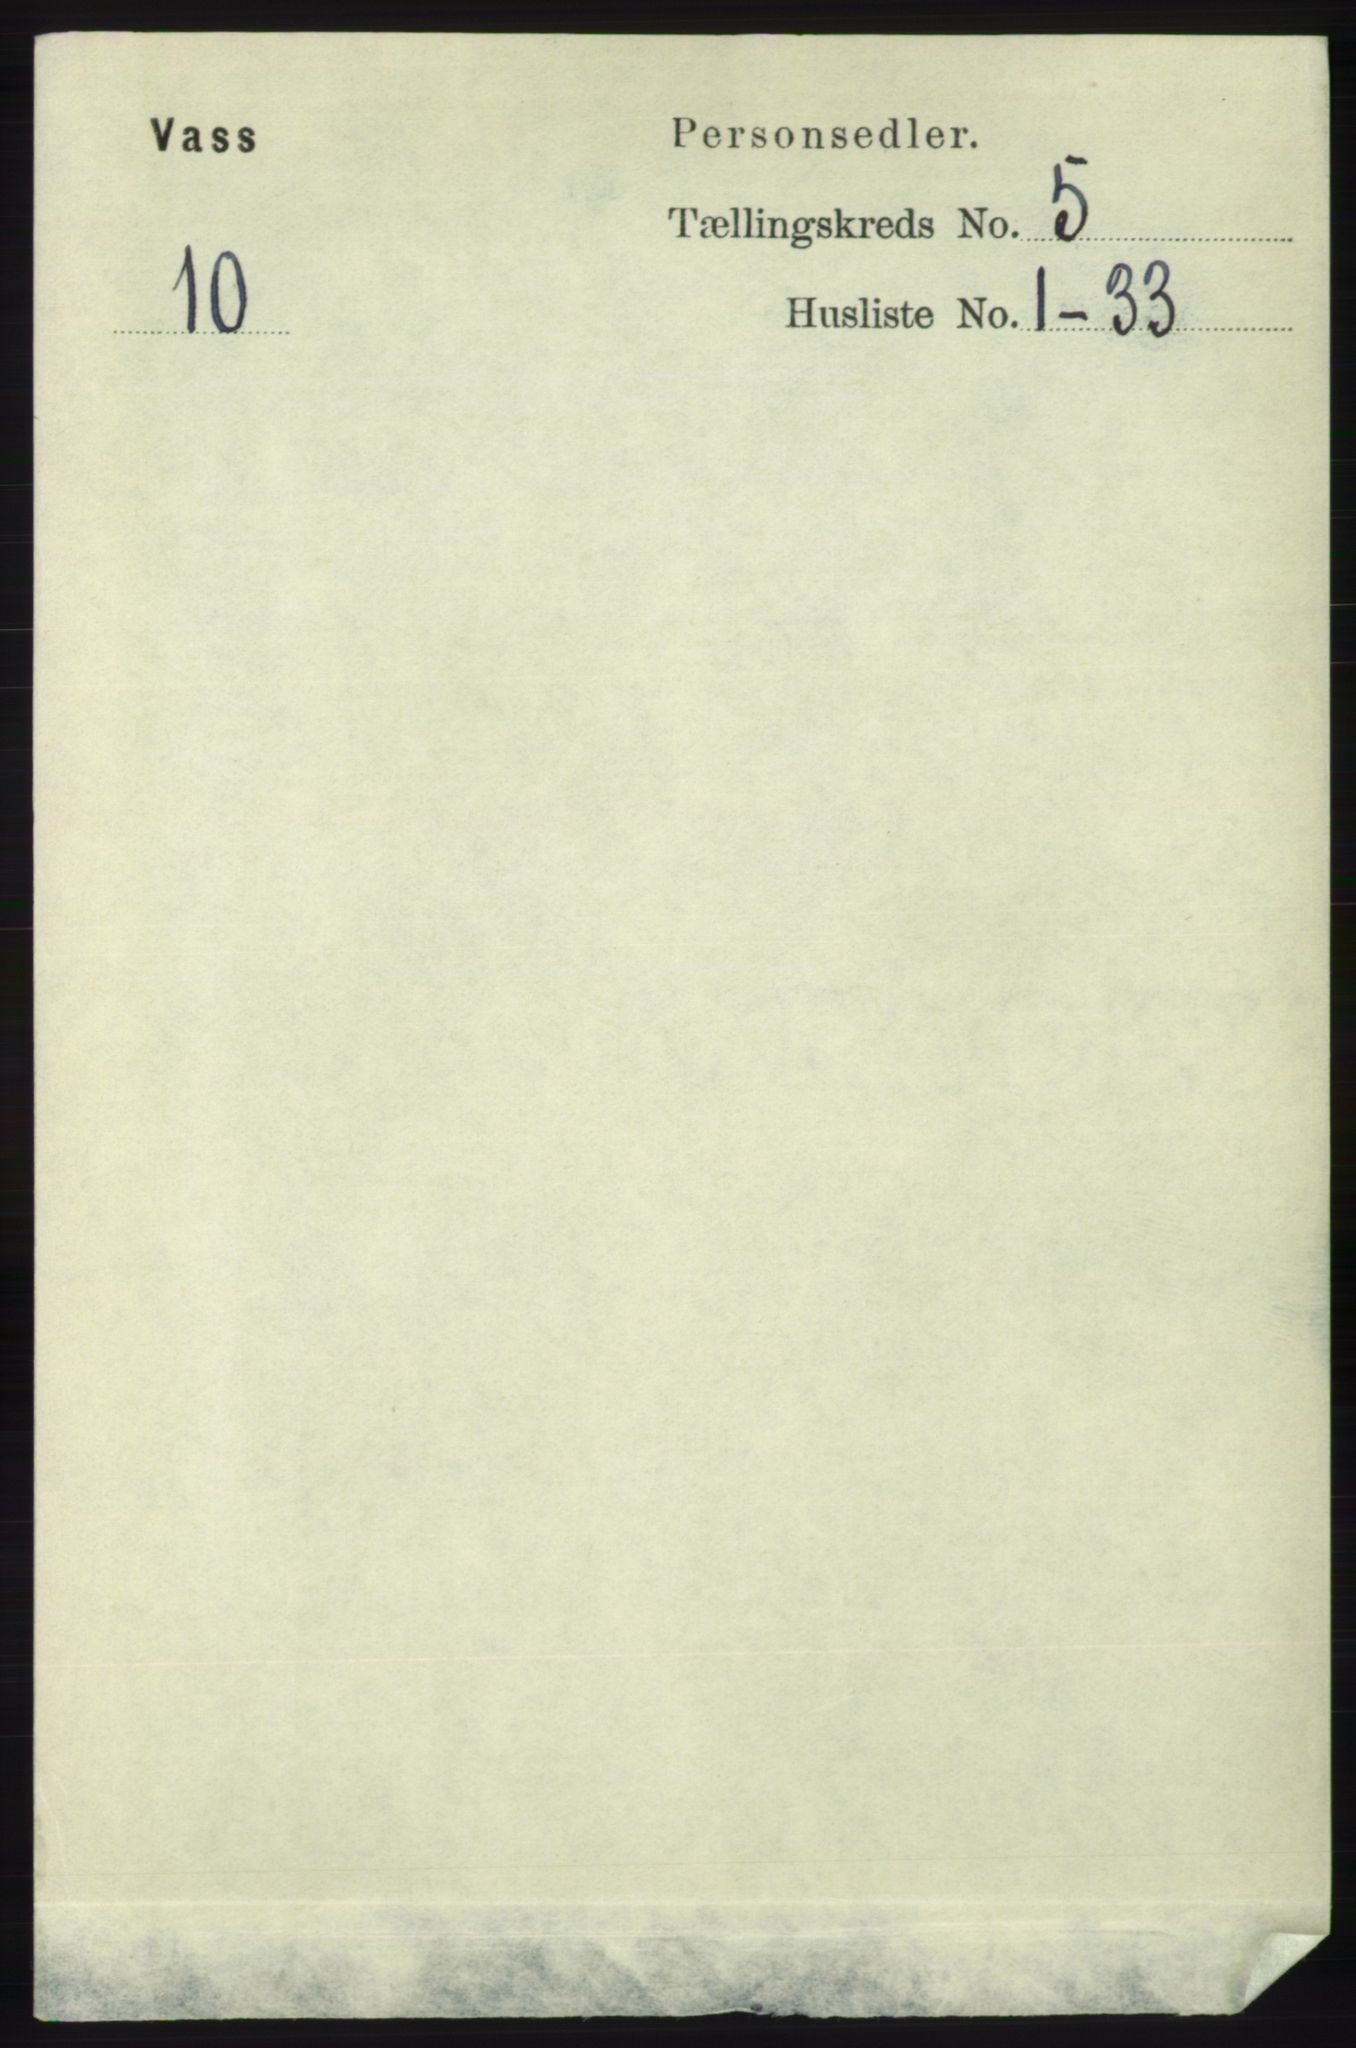 RA, Folketelling 1891 for 1155 Vats herred, 1891, s. 731